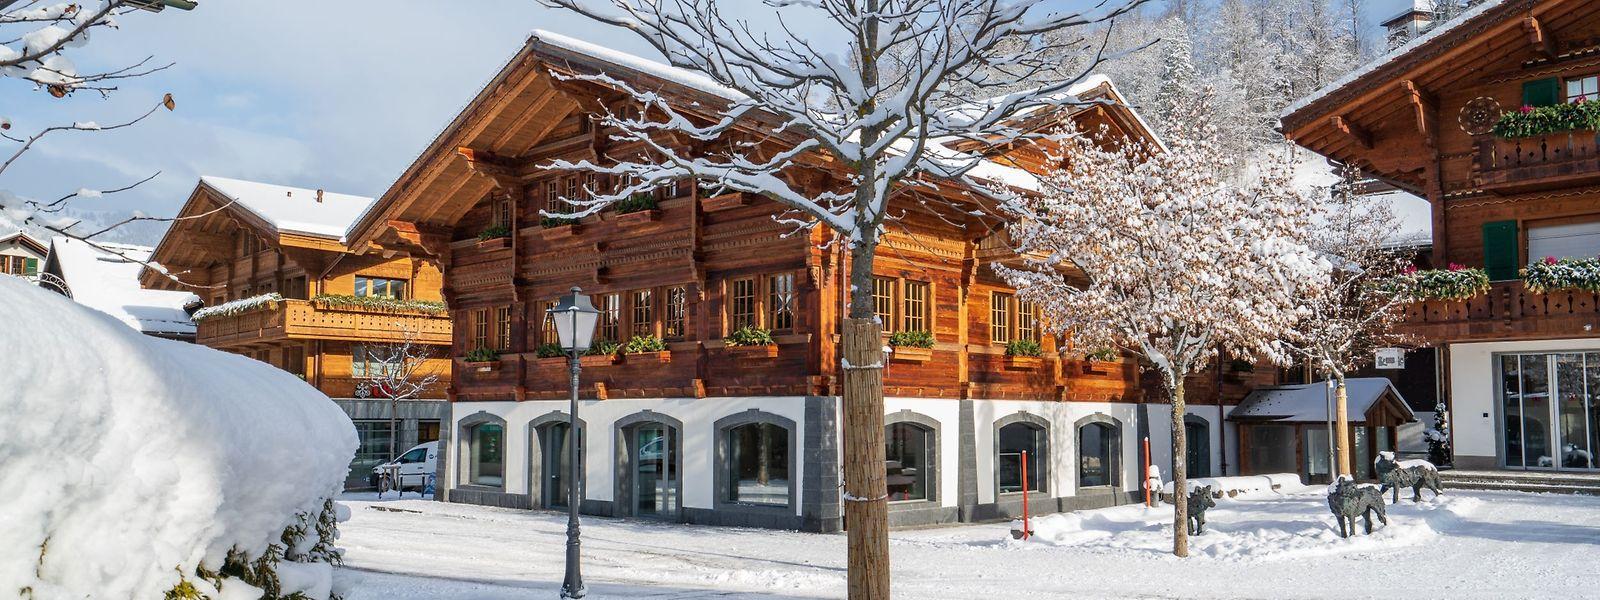 Louis Vuitton, Hermès, Moncler – beim Bummel durch den urigen Dorfkern von Gstaad kommen auch Luxusfans auf ihre Kosten.